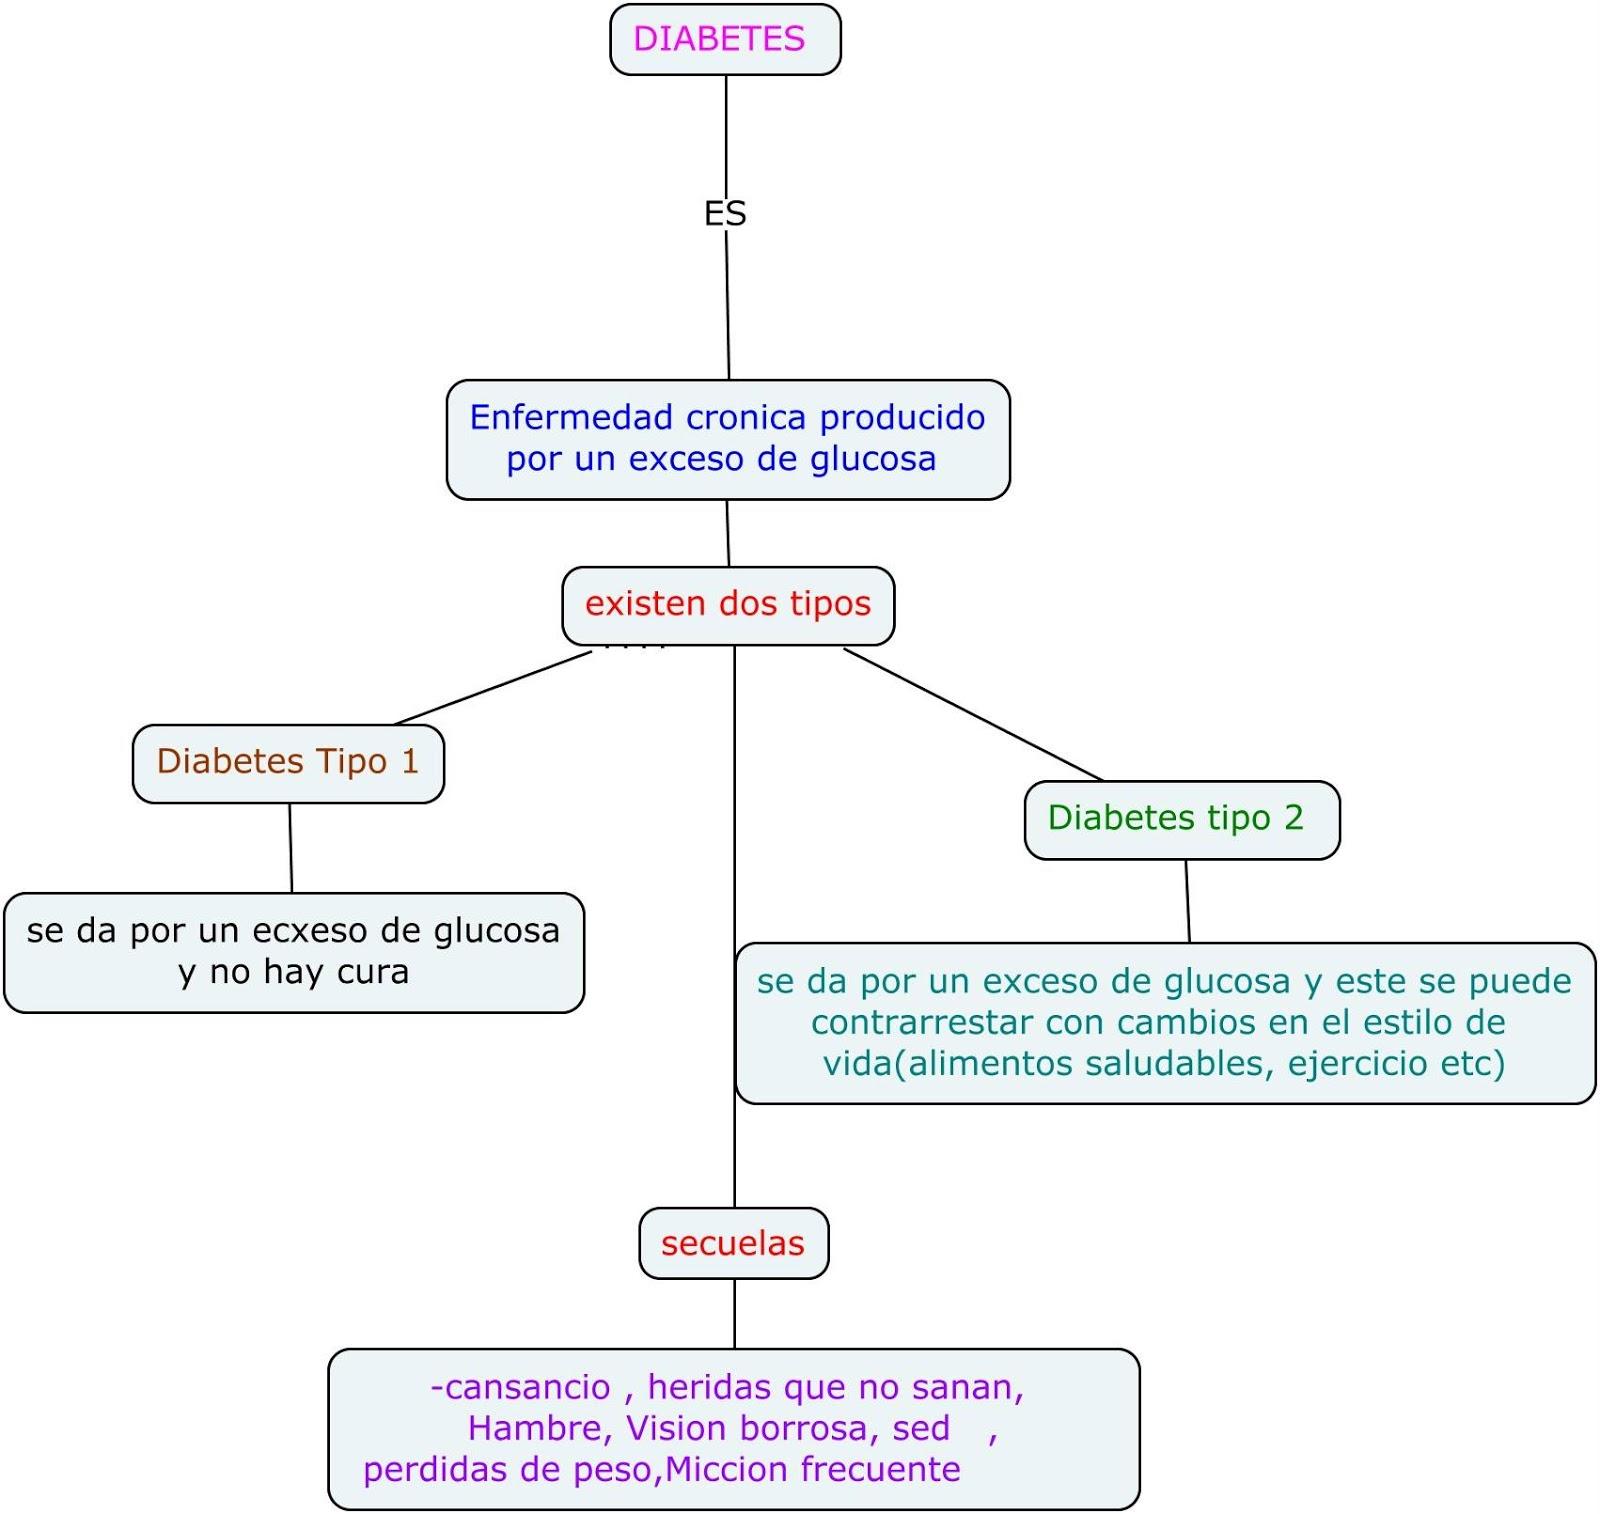 MEDICINA PREVENTIVA 2: mapa conceptual